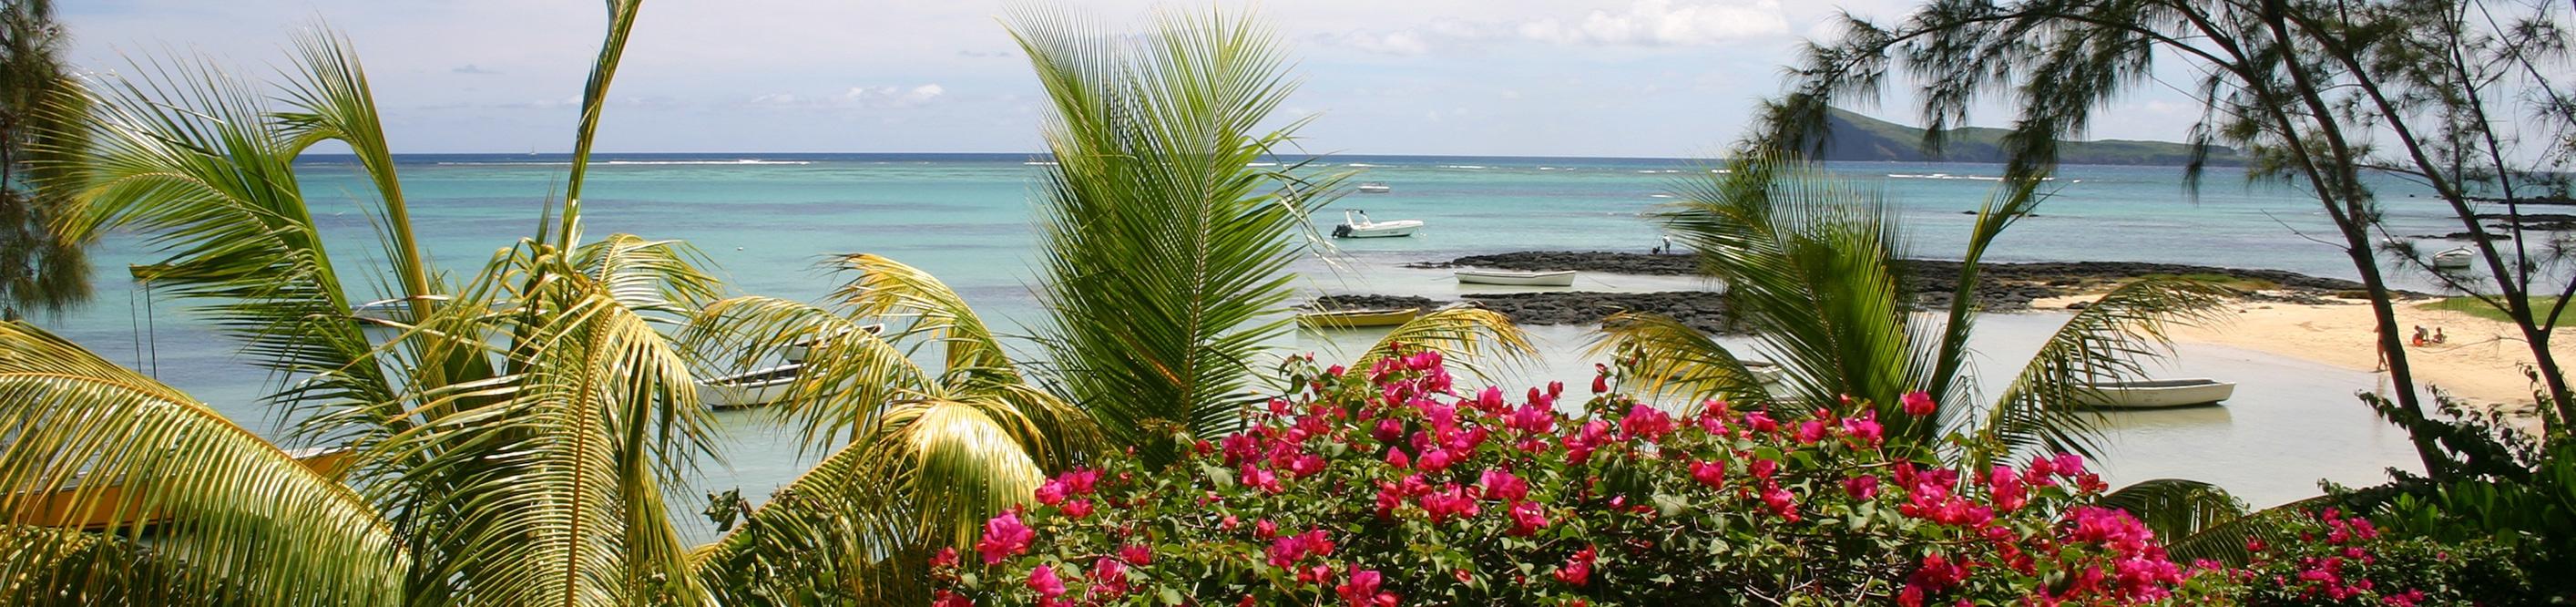 Морской круиз на Маврикии